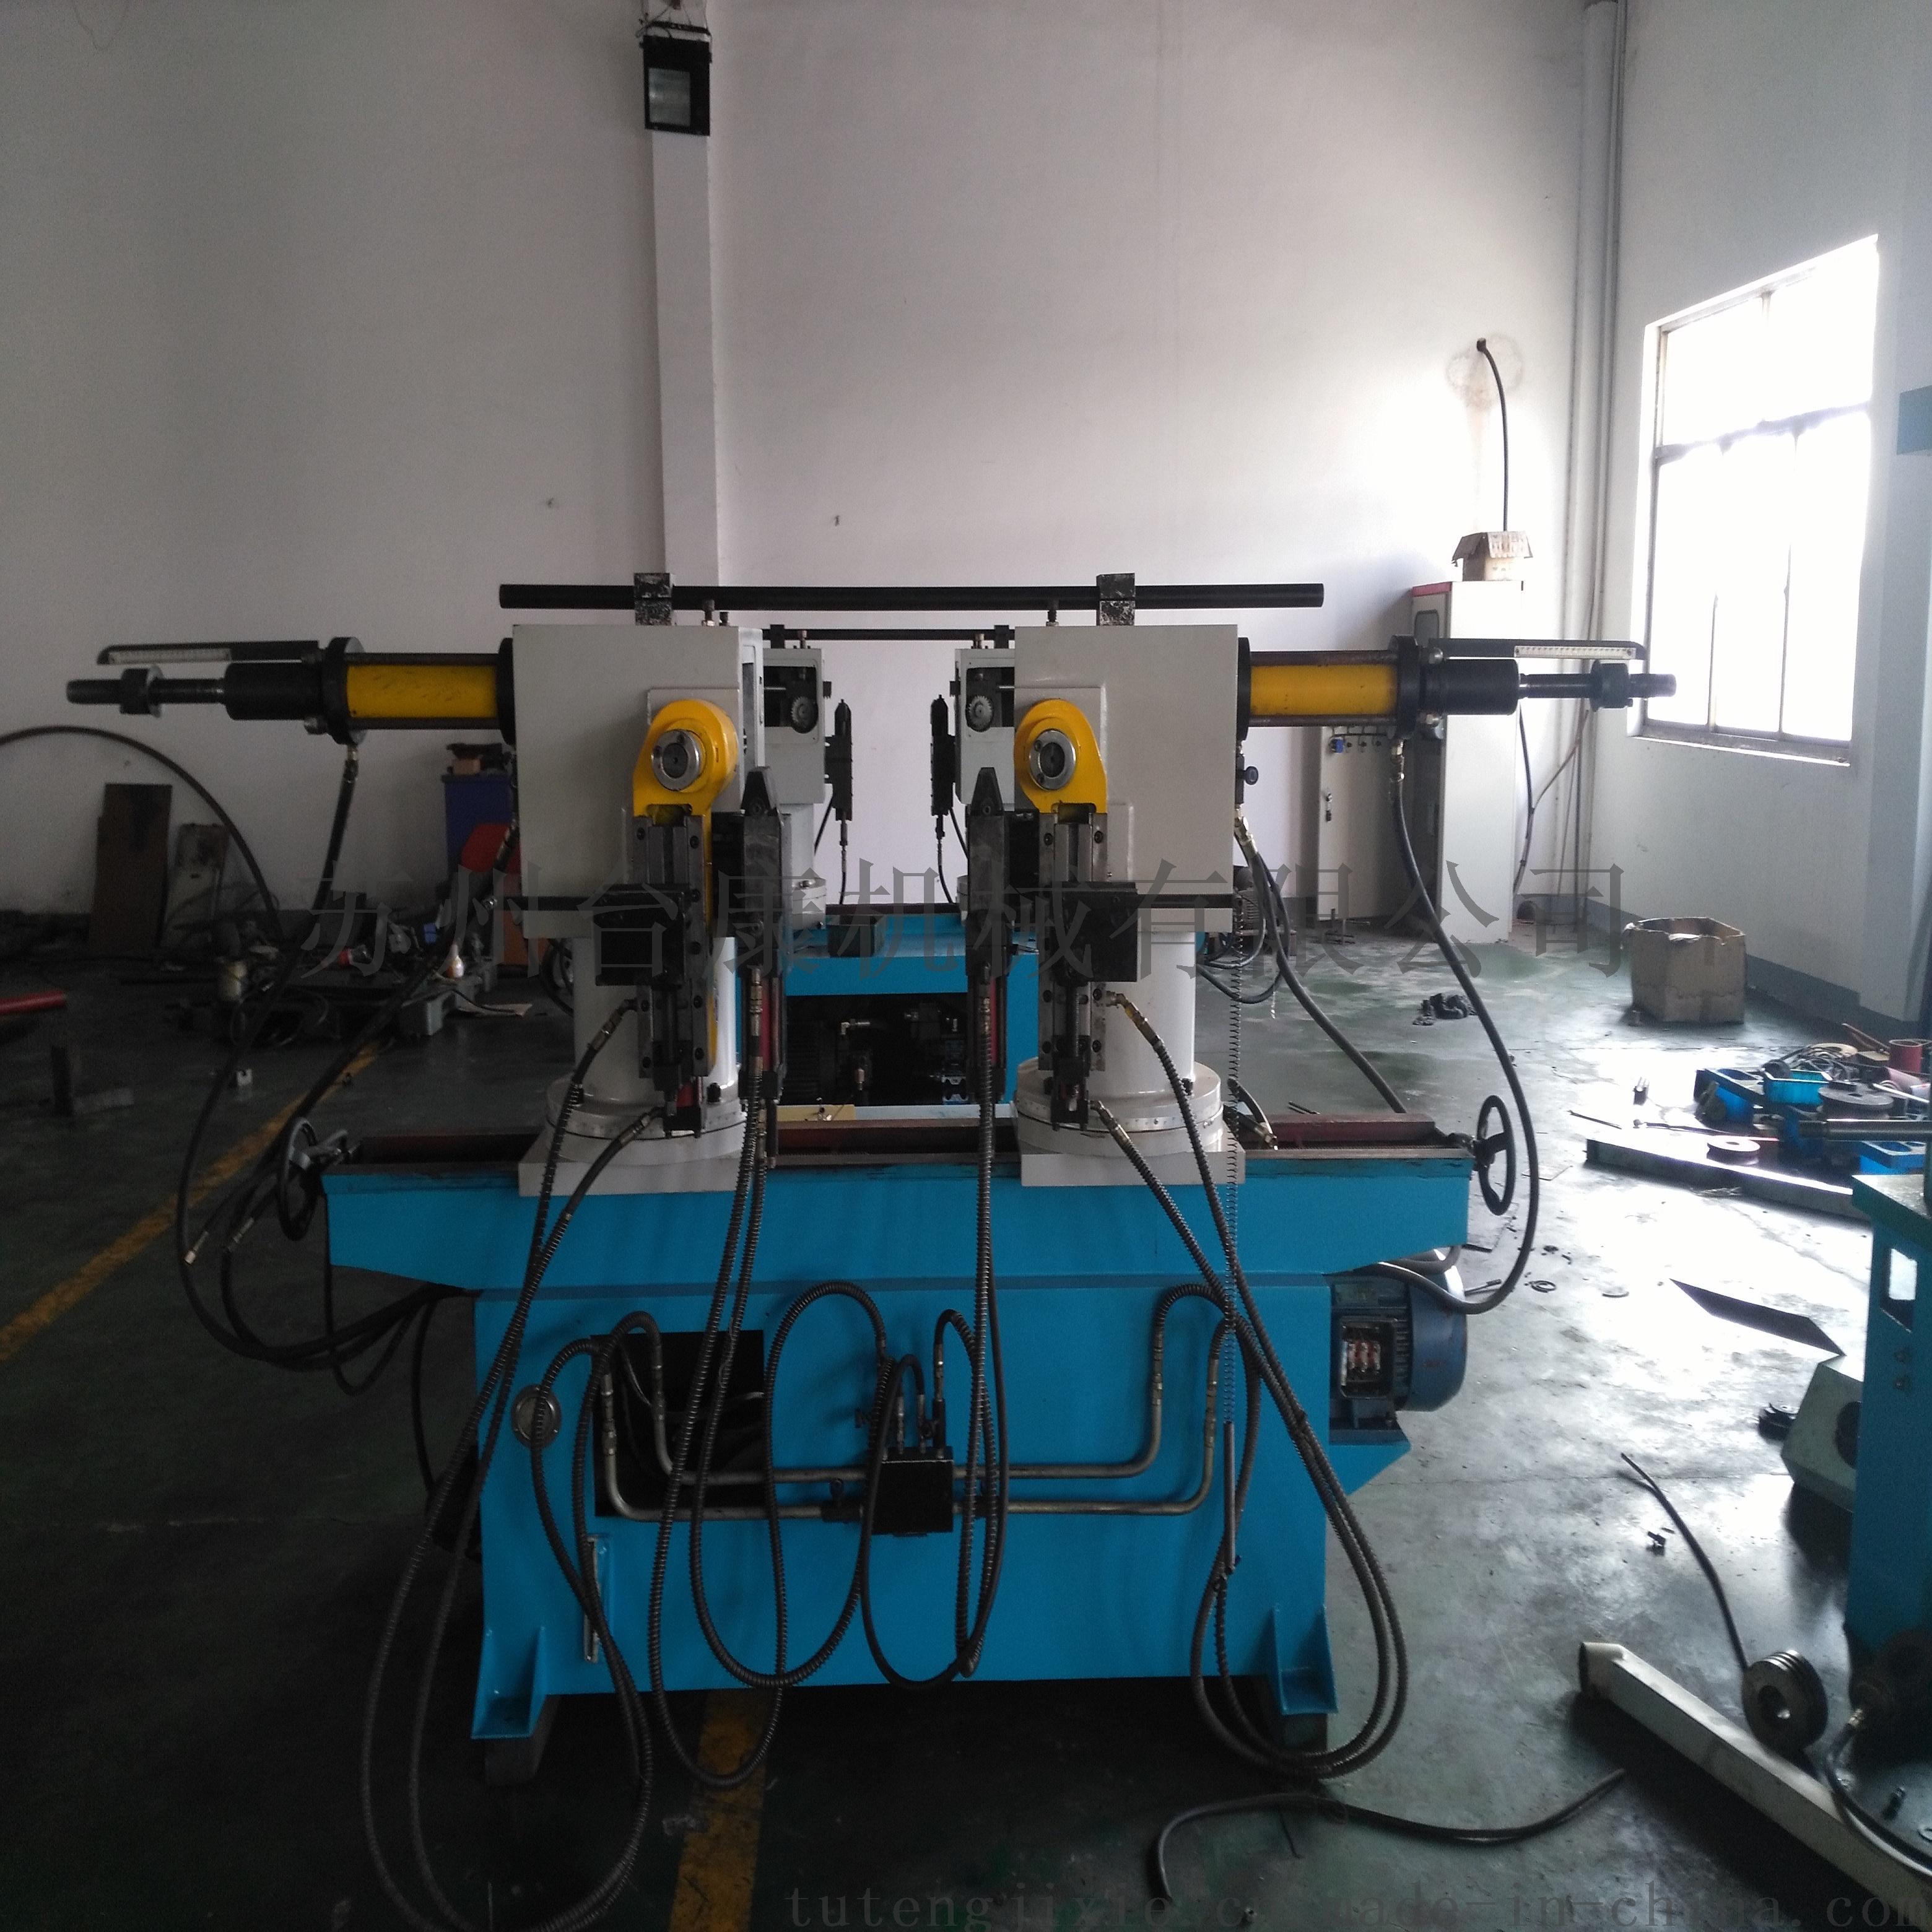 台康机械sw38高速双头 数控自动化弯管机